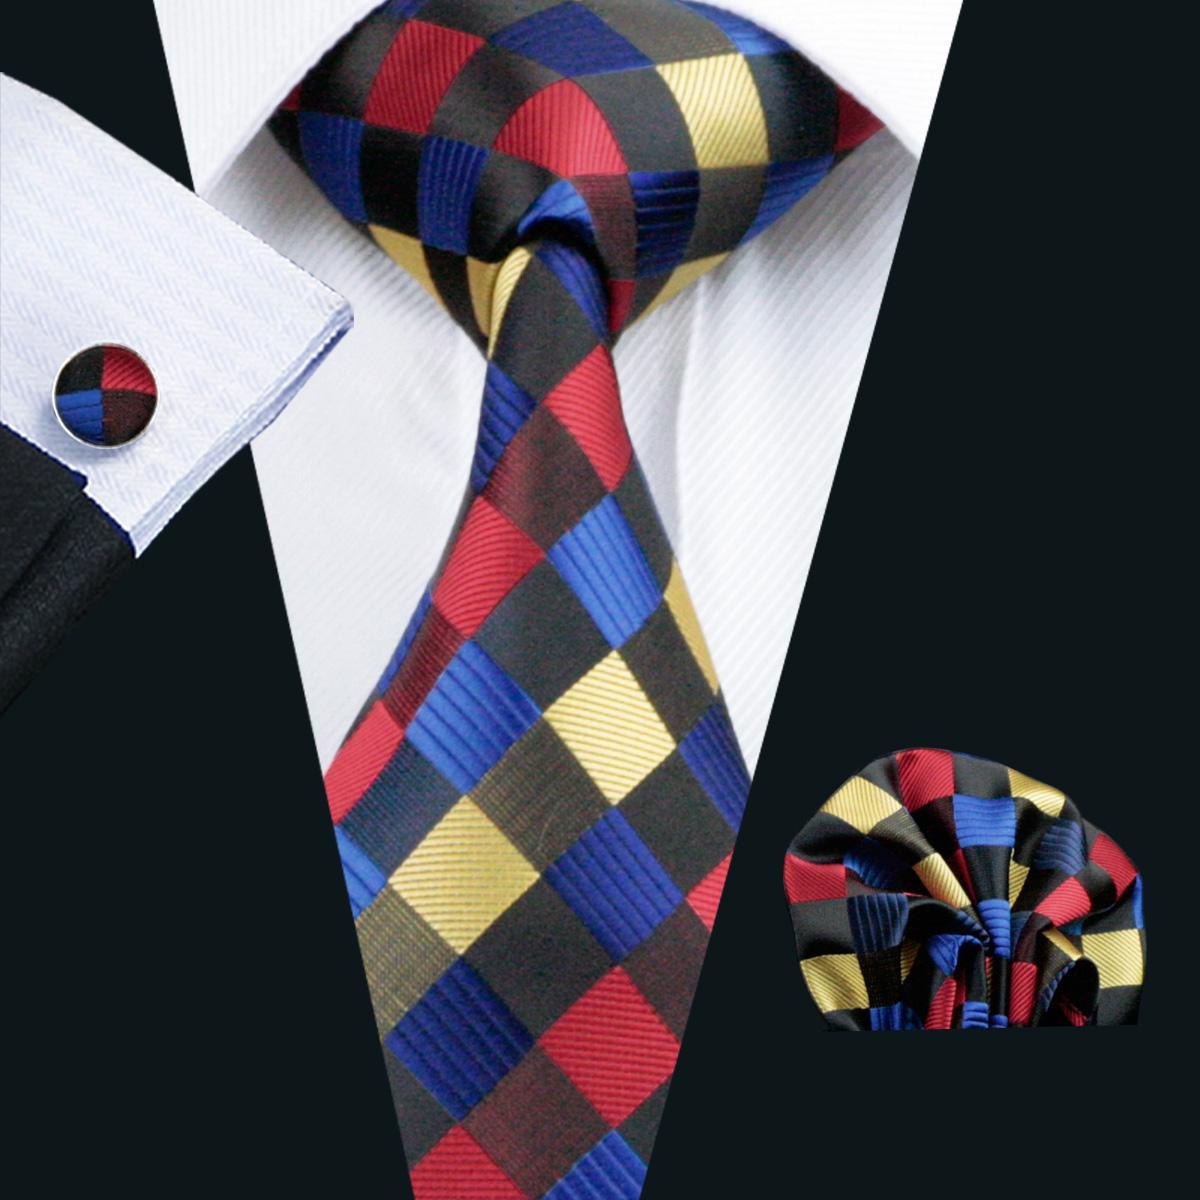 Klassieke Plaid Tie Set voor Mannen Hanky Manchetknopen Zwart Rood Geel Blauw Jacquard Geweven Neck Tie Set Silk Mens Business Work Formal N-0423